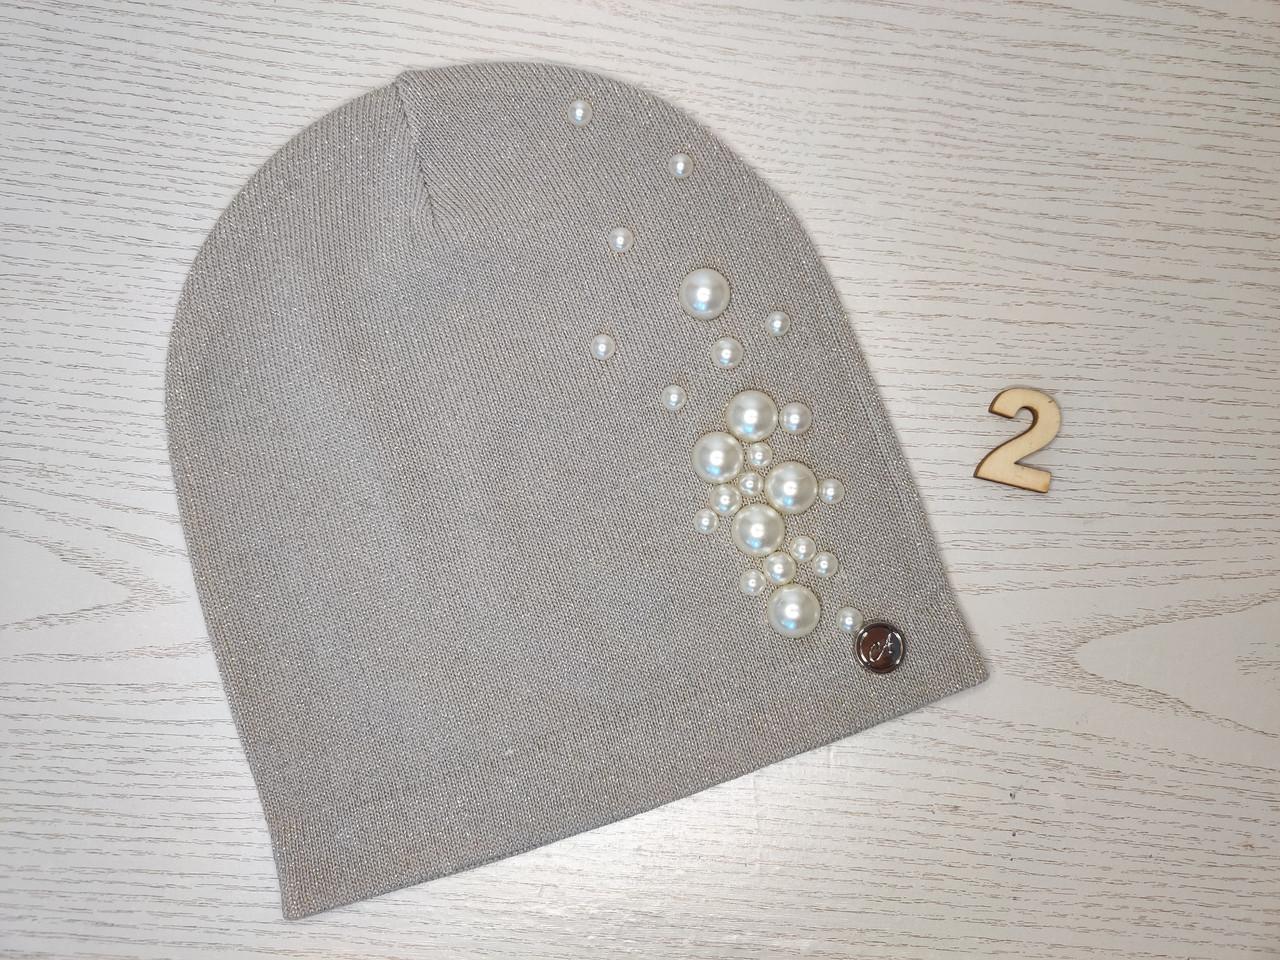 Шапочка для девочки люрекс камни демисезонная Размер 50-54 см Возраст 5-10 лет